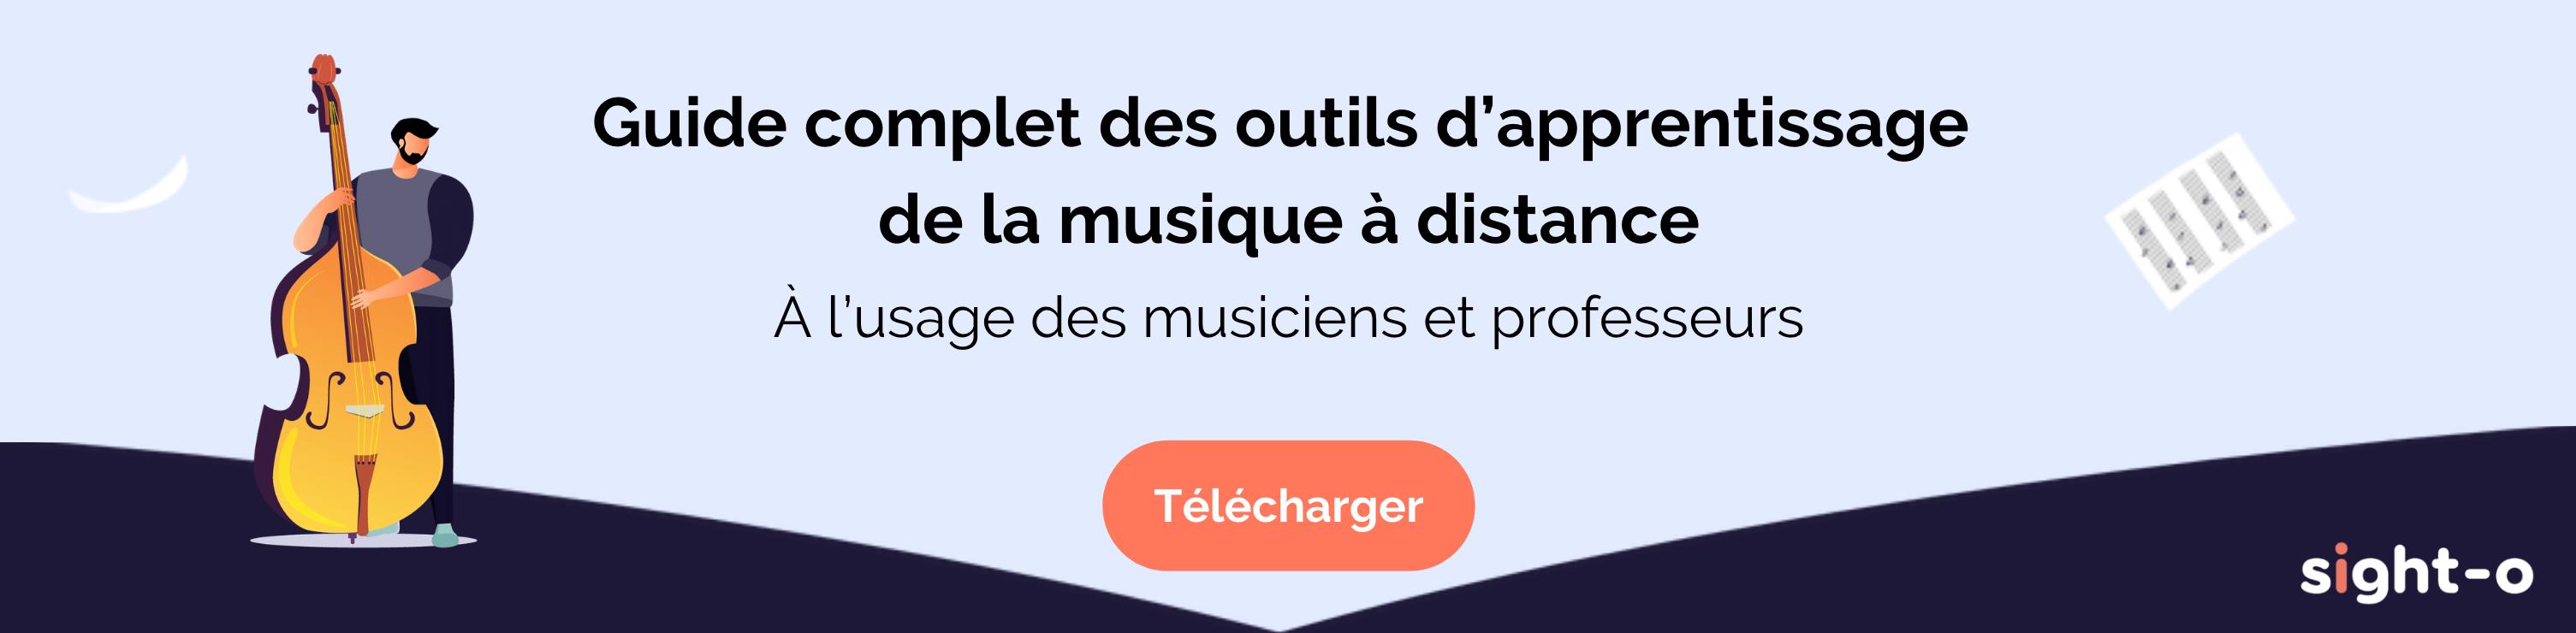 Guide complet des outils d'apprentissage de la musique à distance